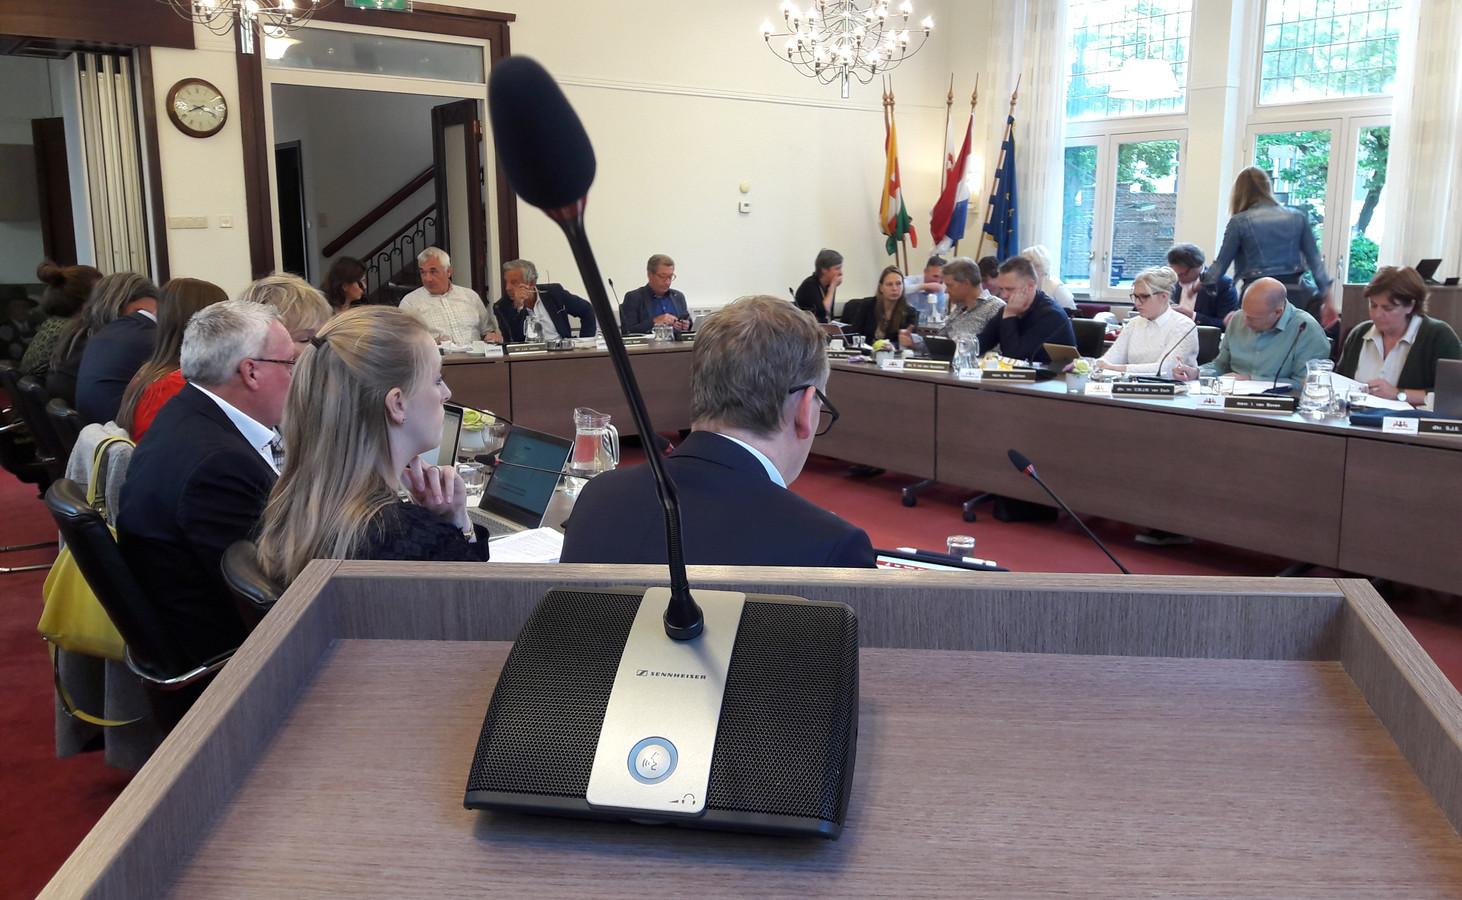 Zicht op de gemeenteraad van Oisterwijk vanaf het spreekgestoelte